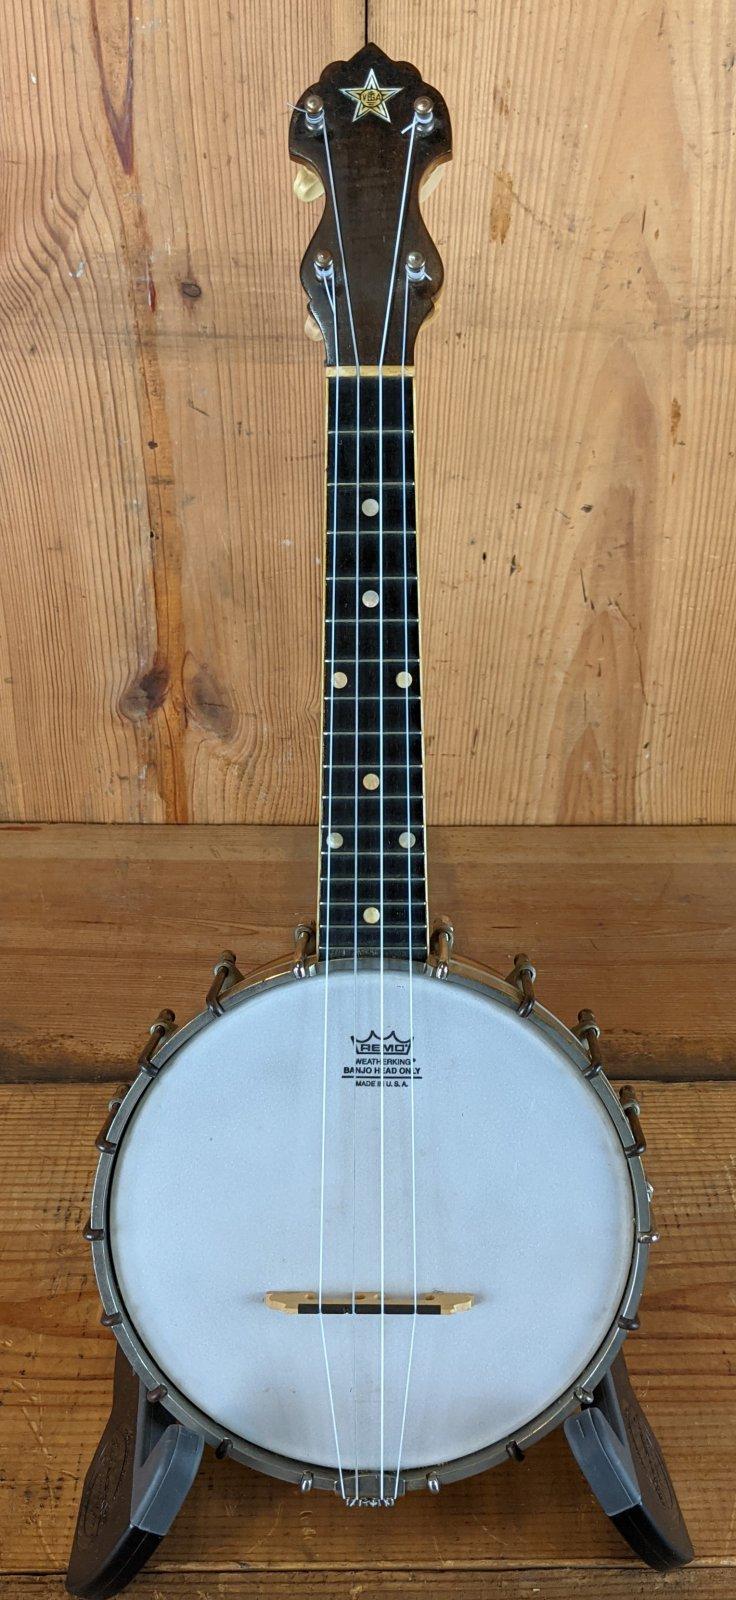 1927 Vega Banjo Ukulele